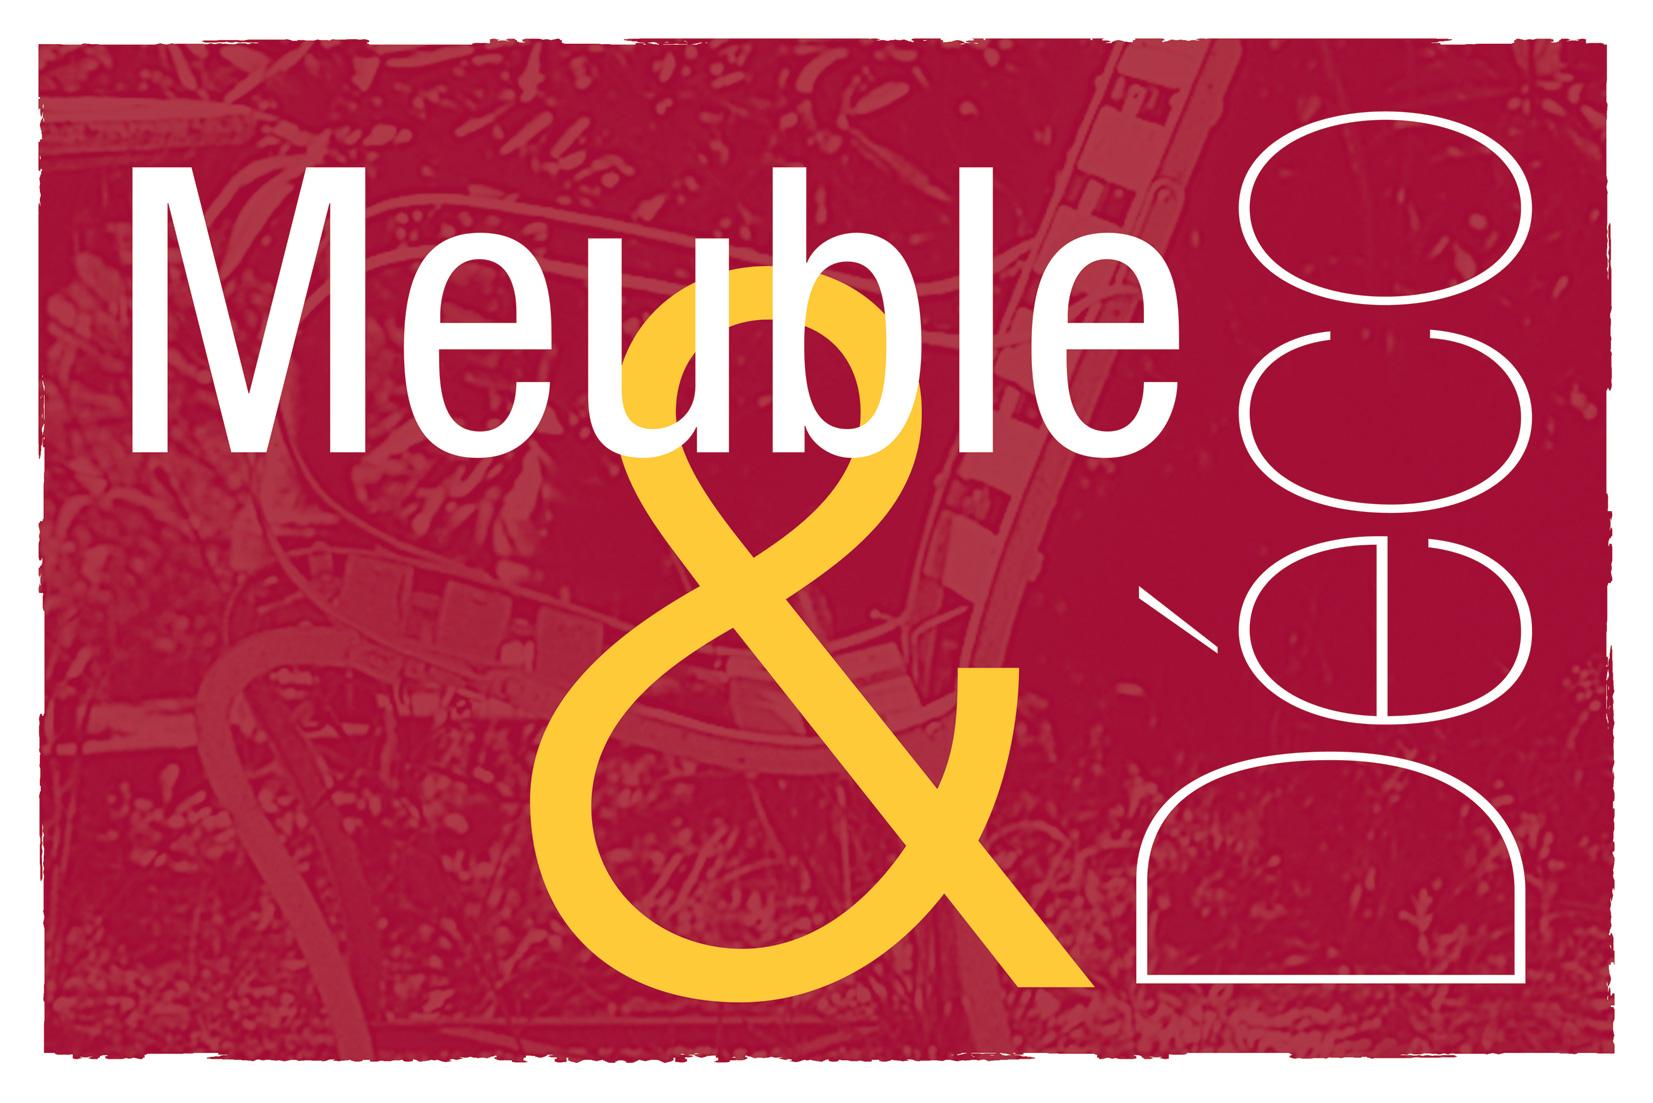 Meuble et d co deco meuble for Meuble et deco